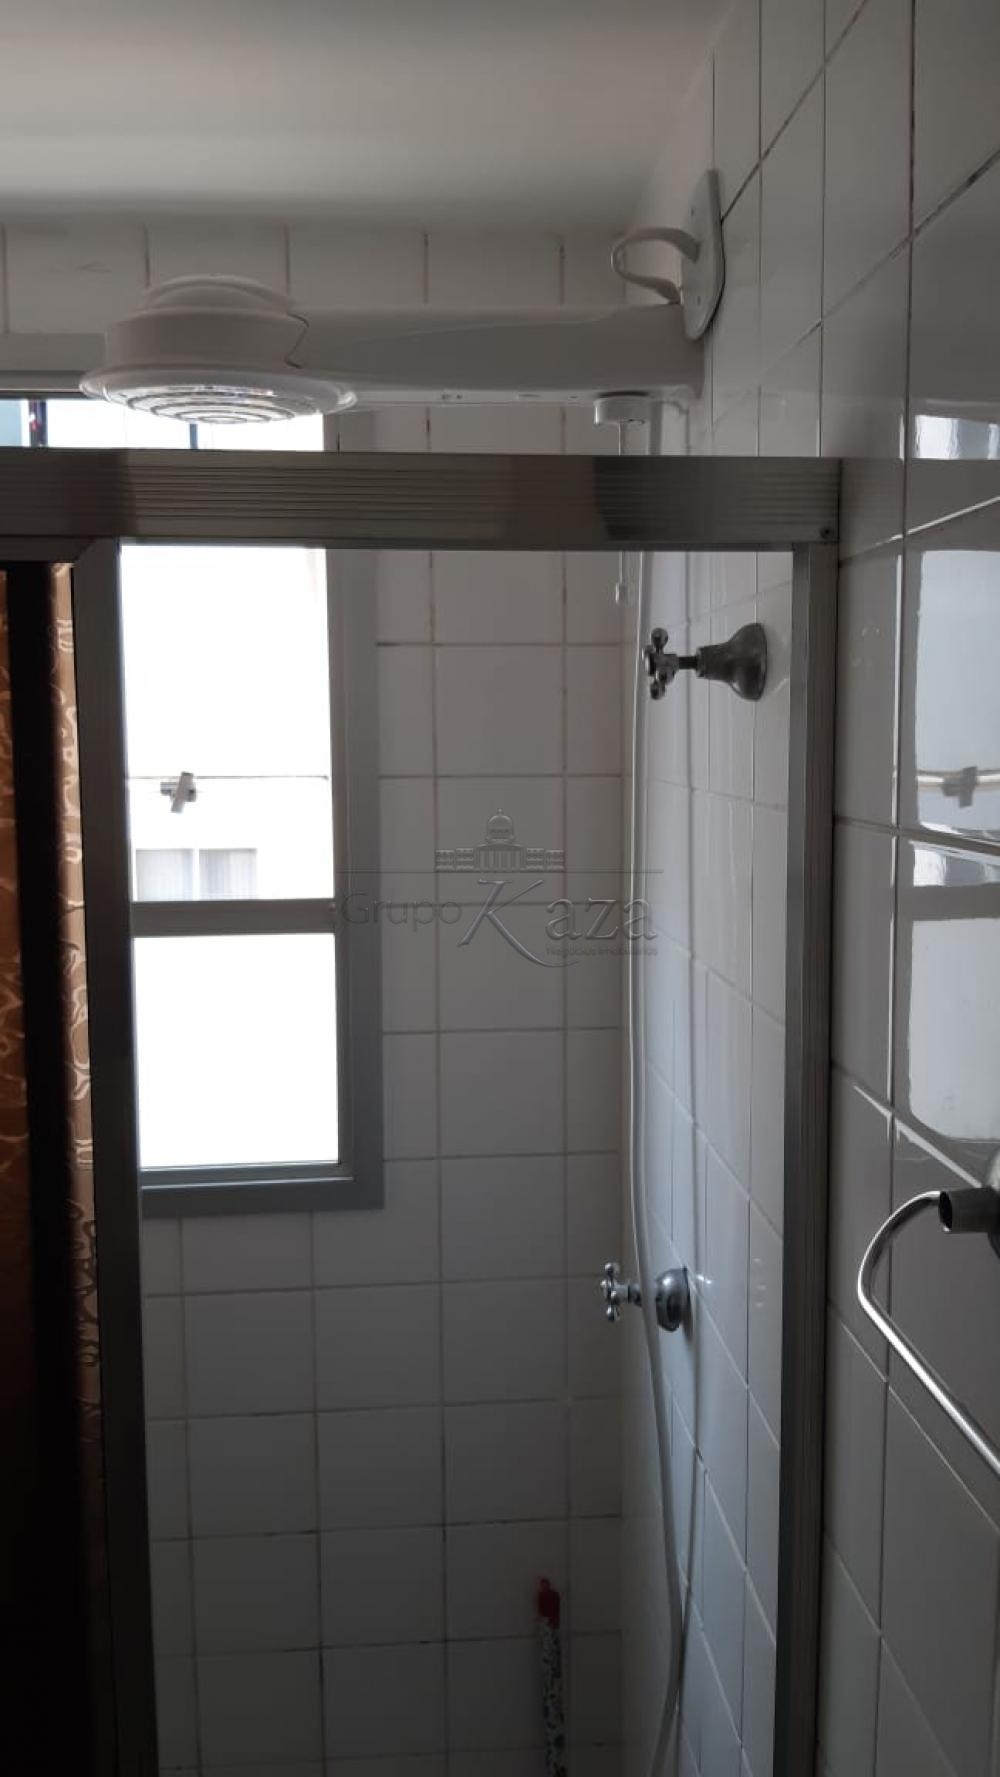 Alugar Apartamento / Padrão em São José dos Campos apenas R$ 900,00 - Foto 12